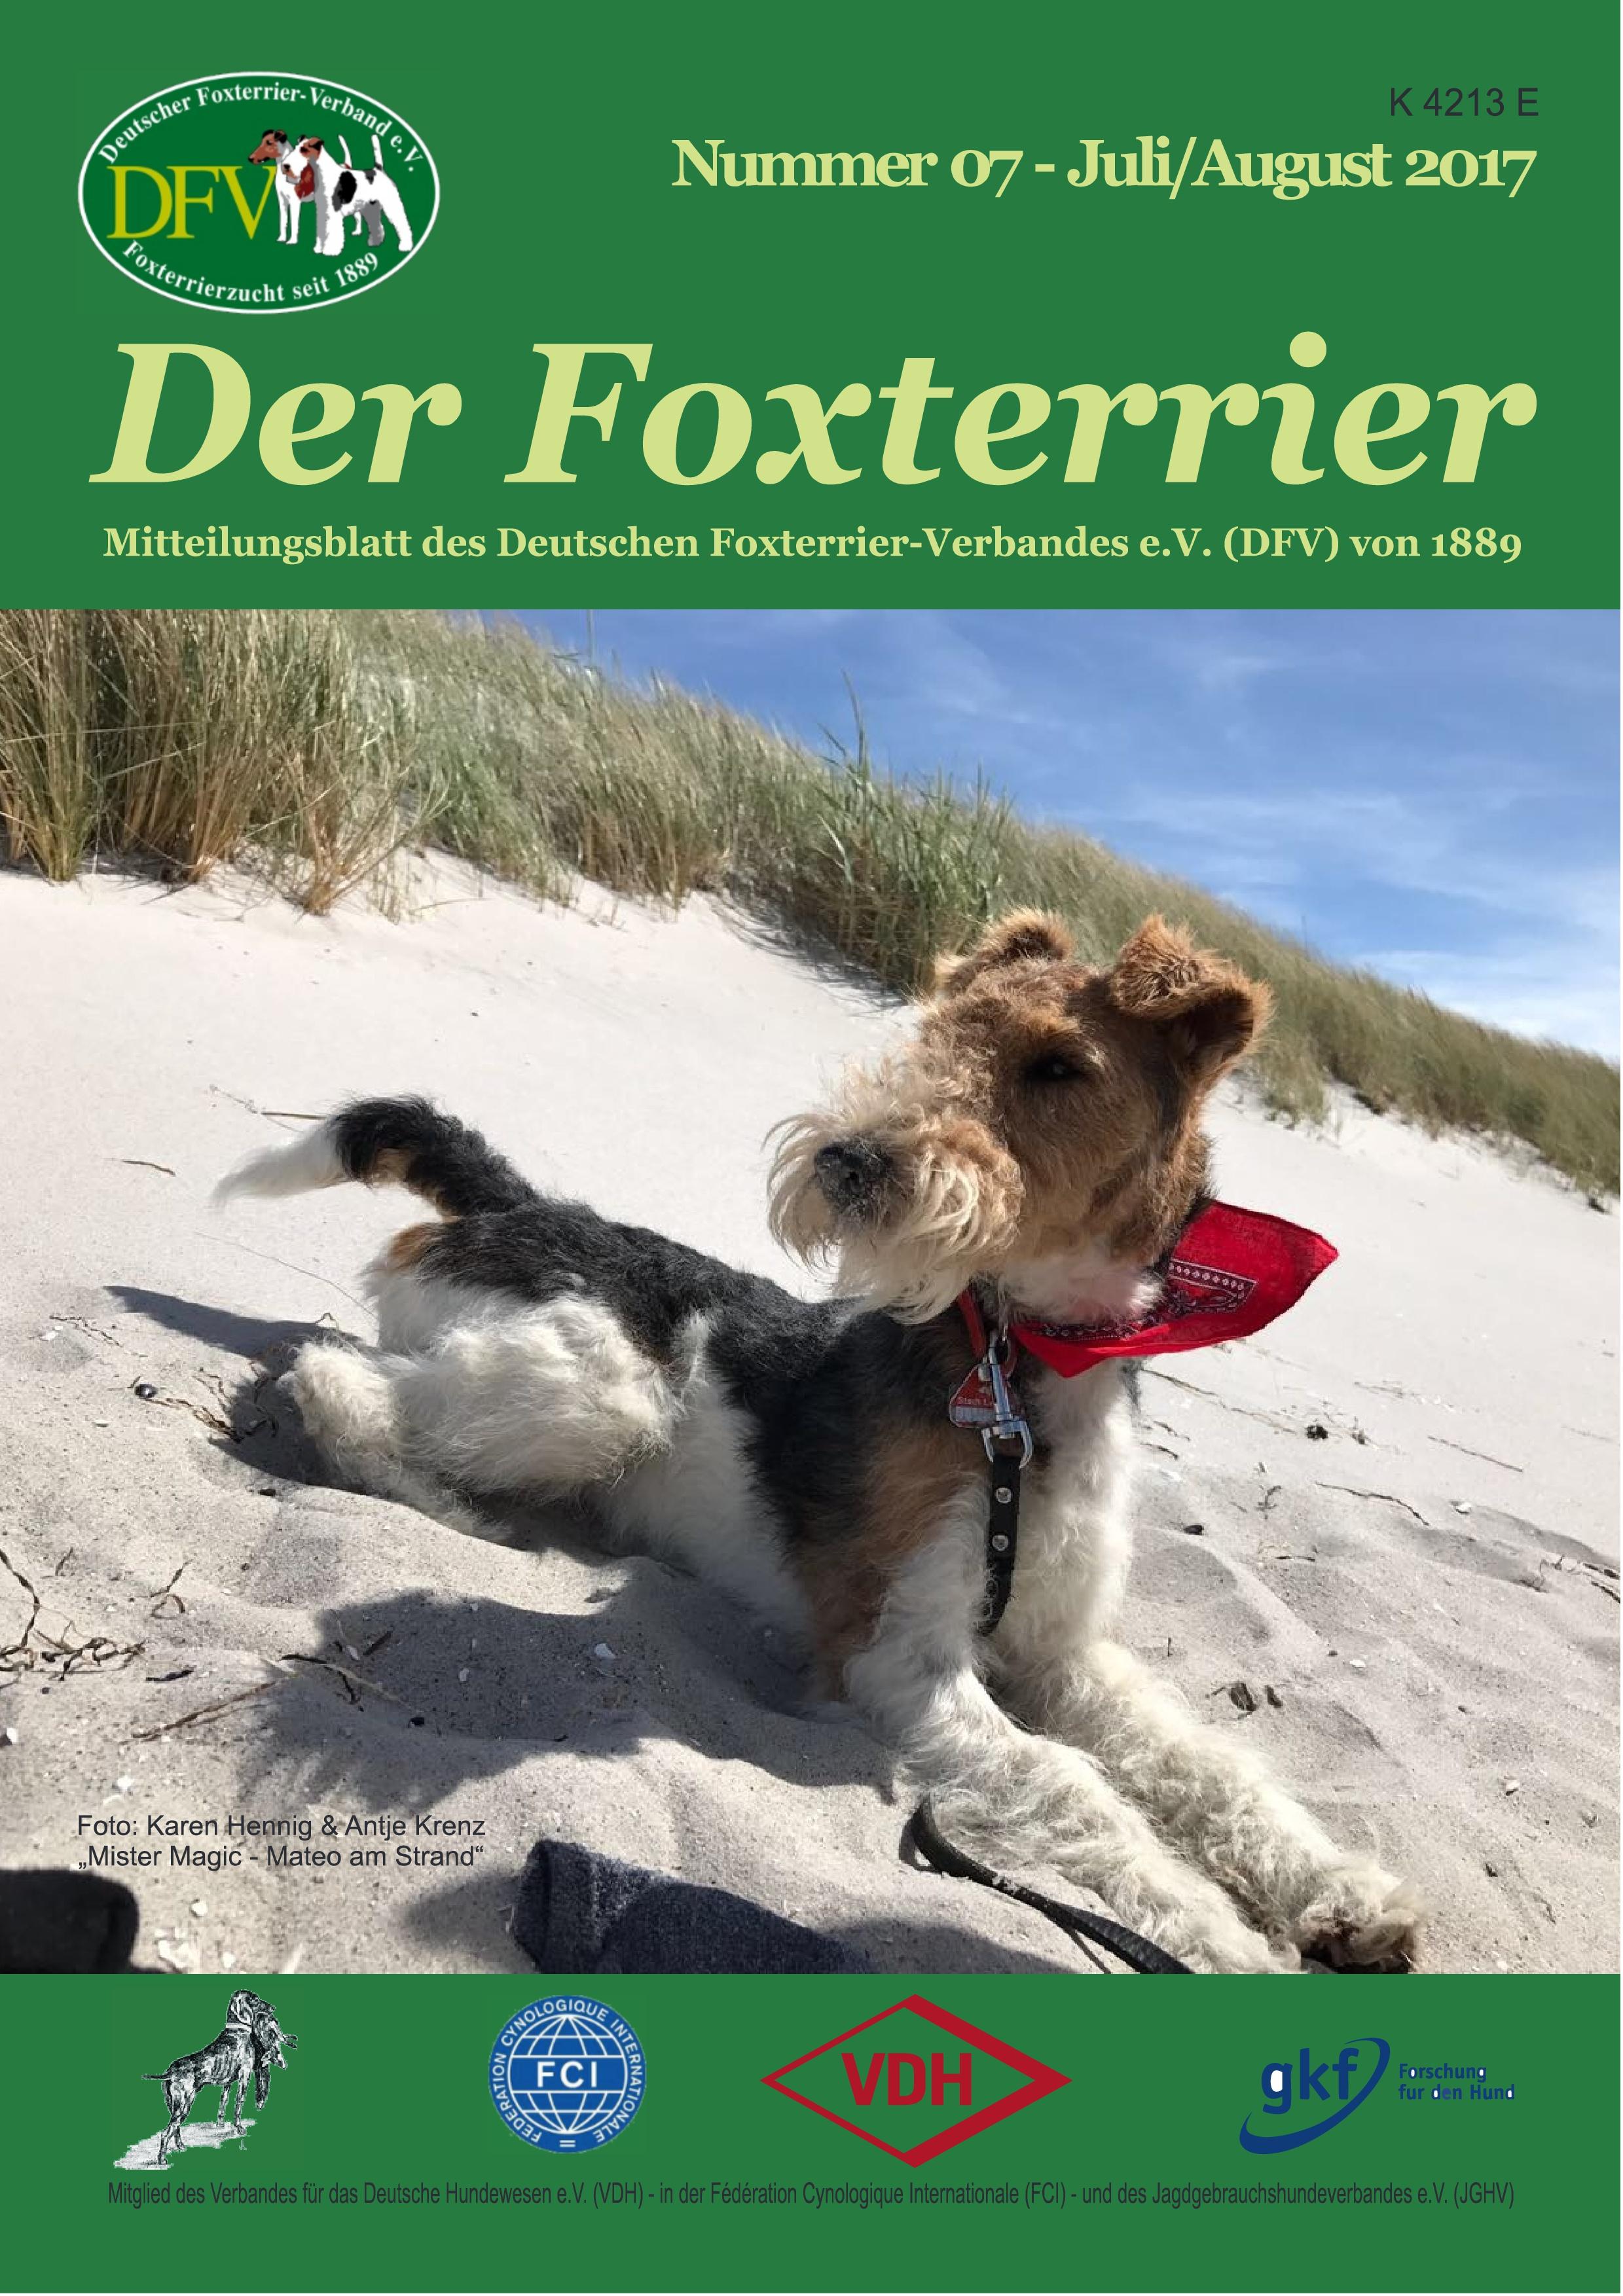 Großzügig Drahthaar Foxterrier Rettung Galerie - Schaltplan Serie ...